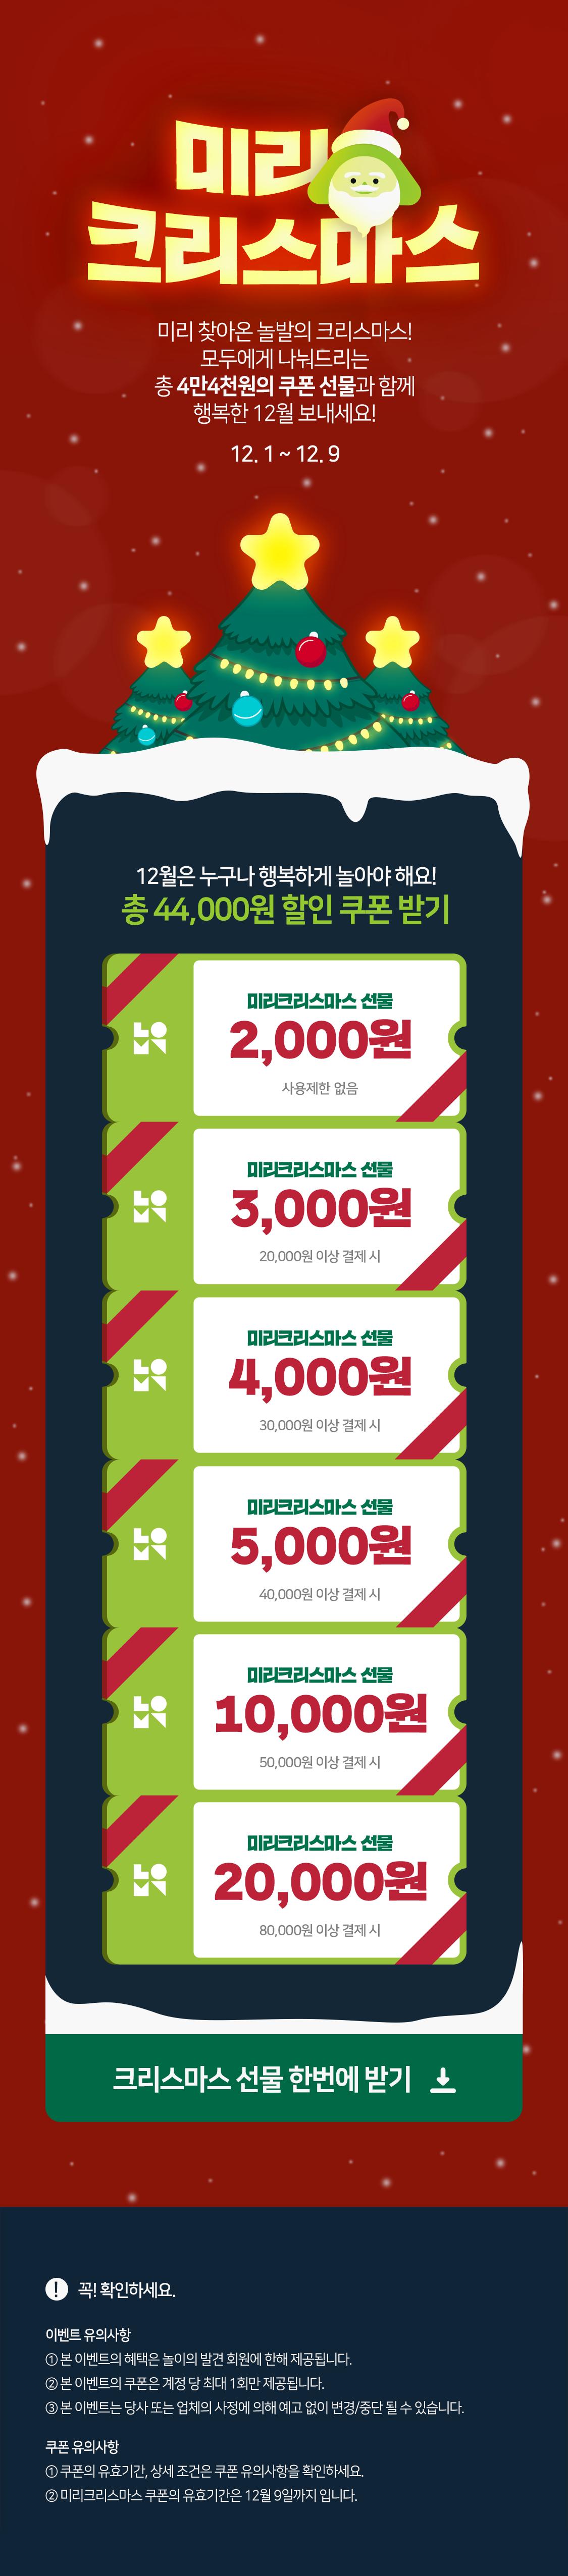 12월 메인_미리크리스마스_1차